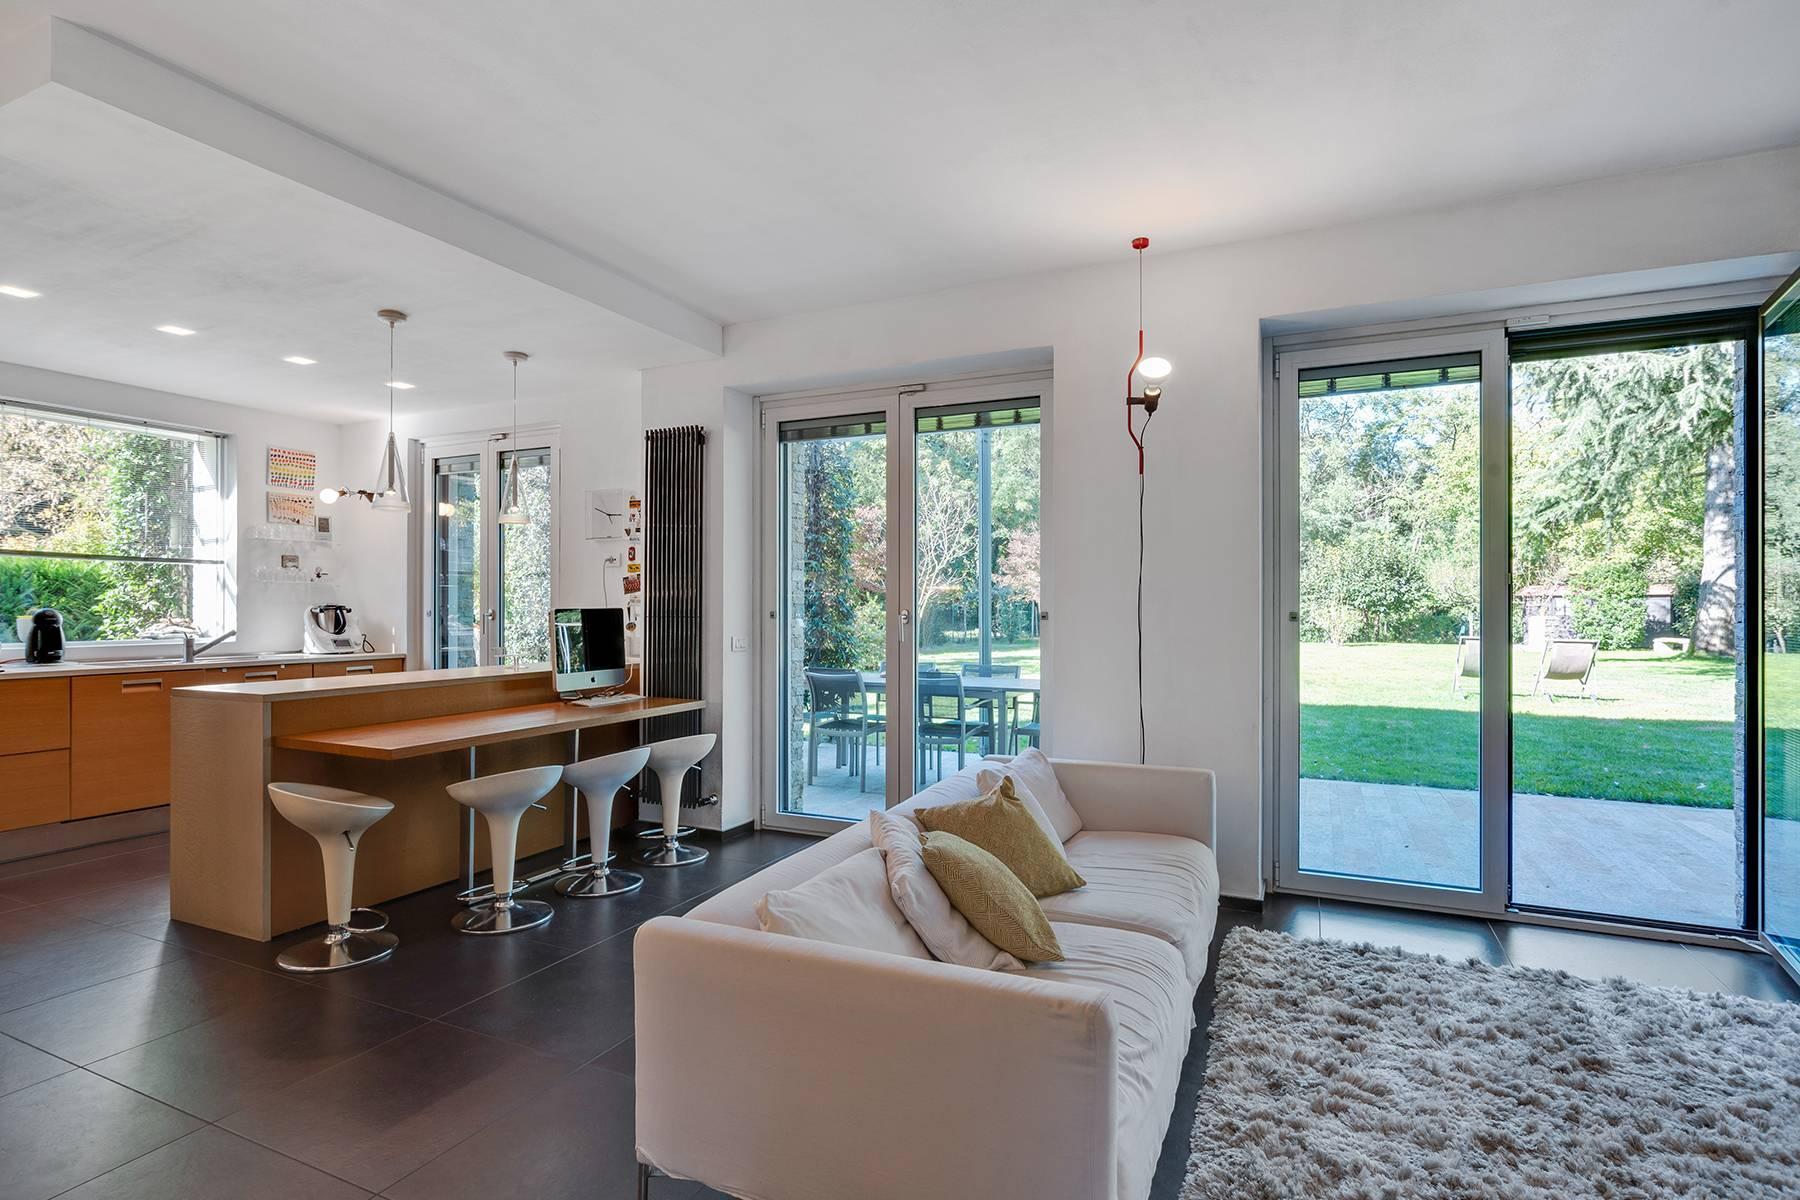 Maison individuelle entièrement rénovée en style moderne - 1